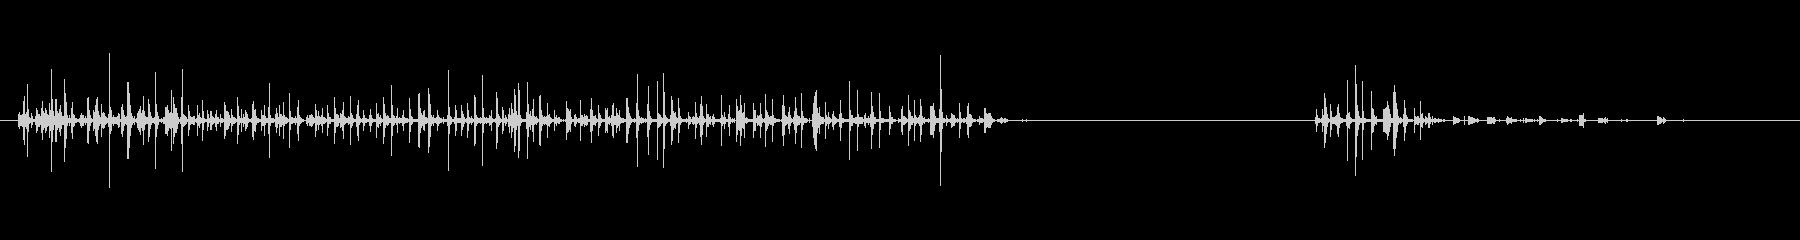 水の泡x2の未再生の波形